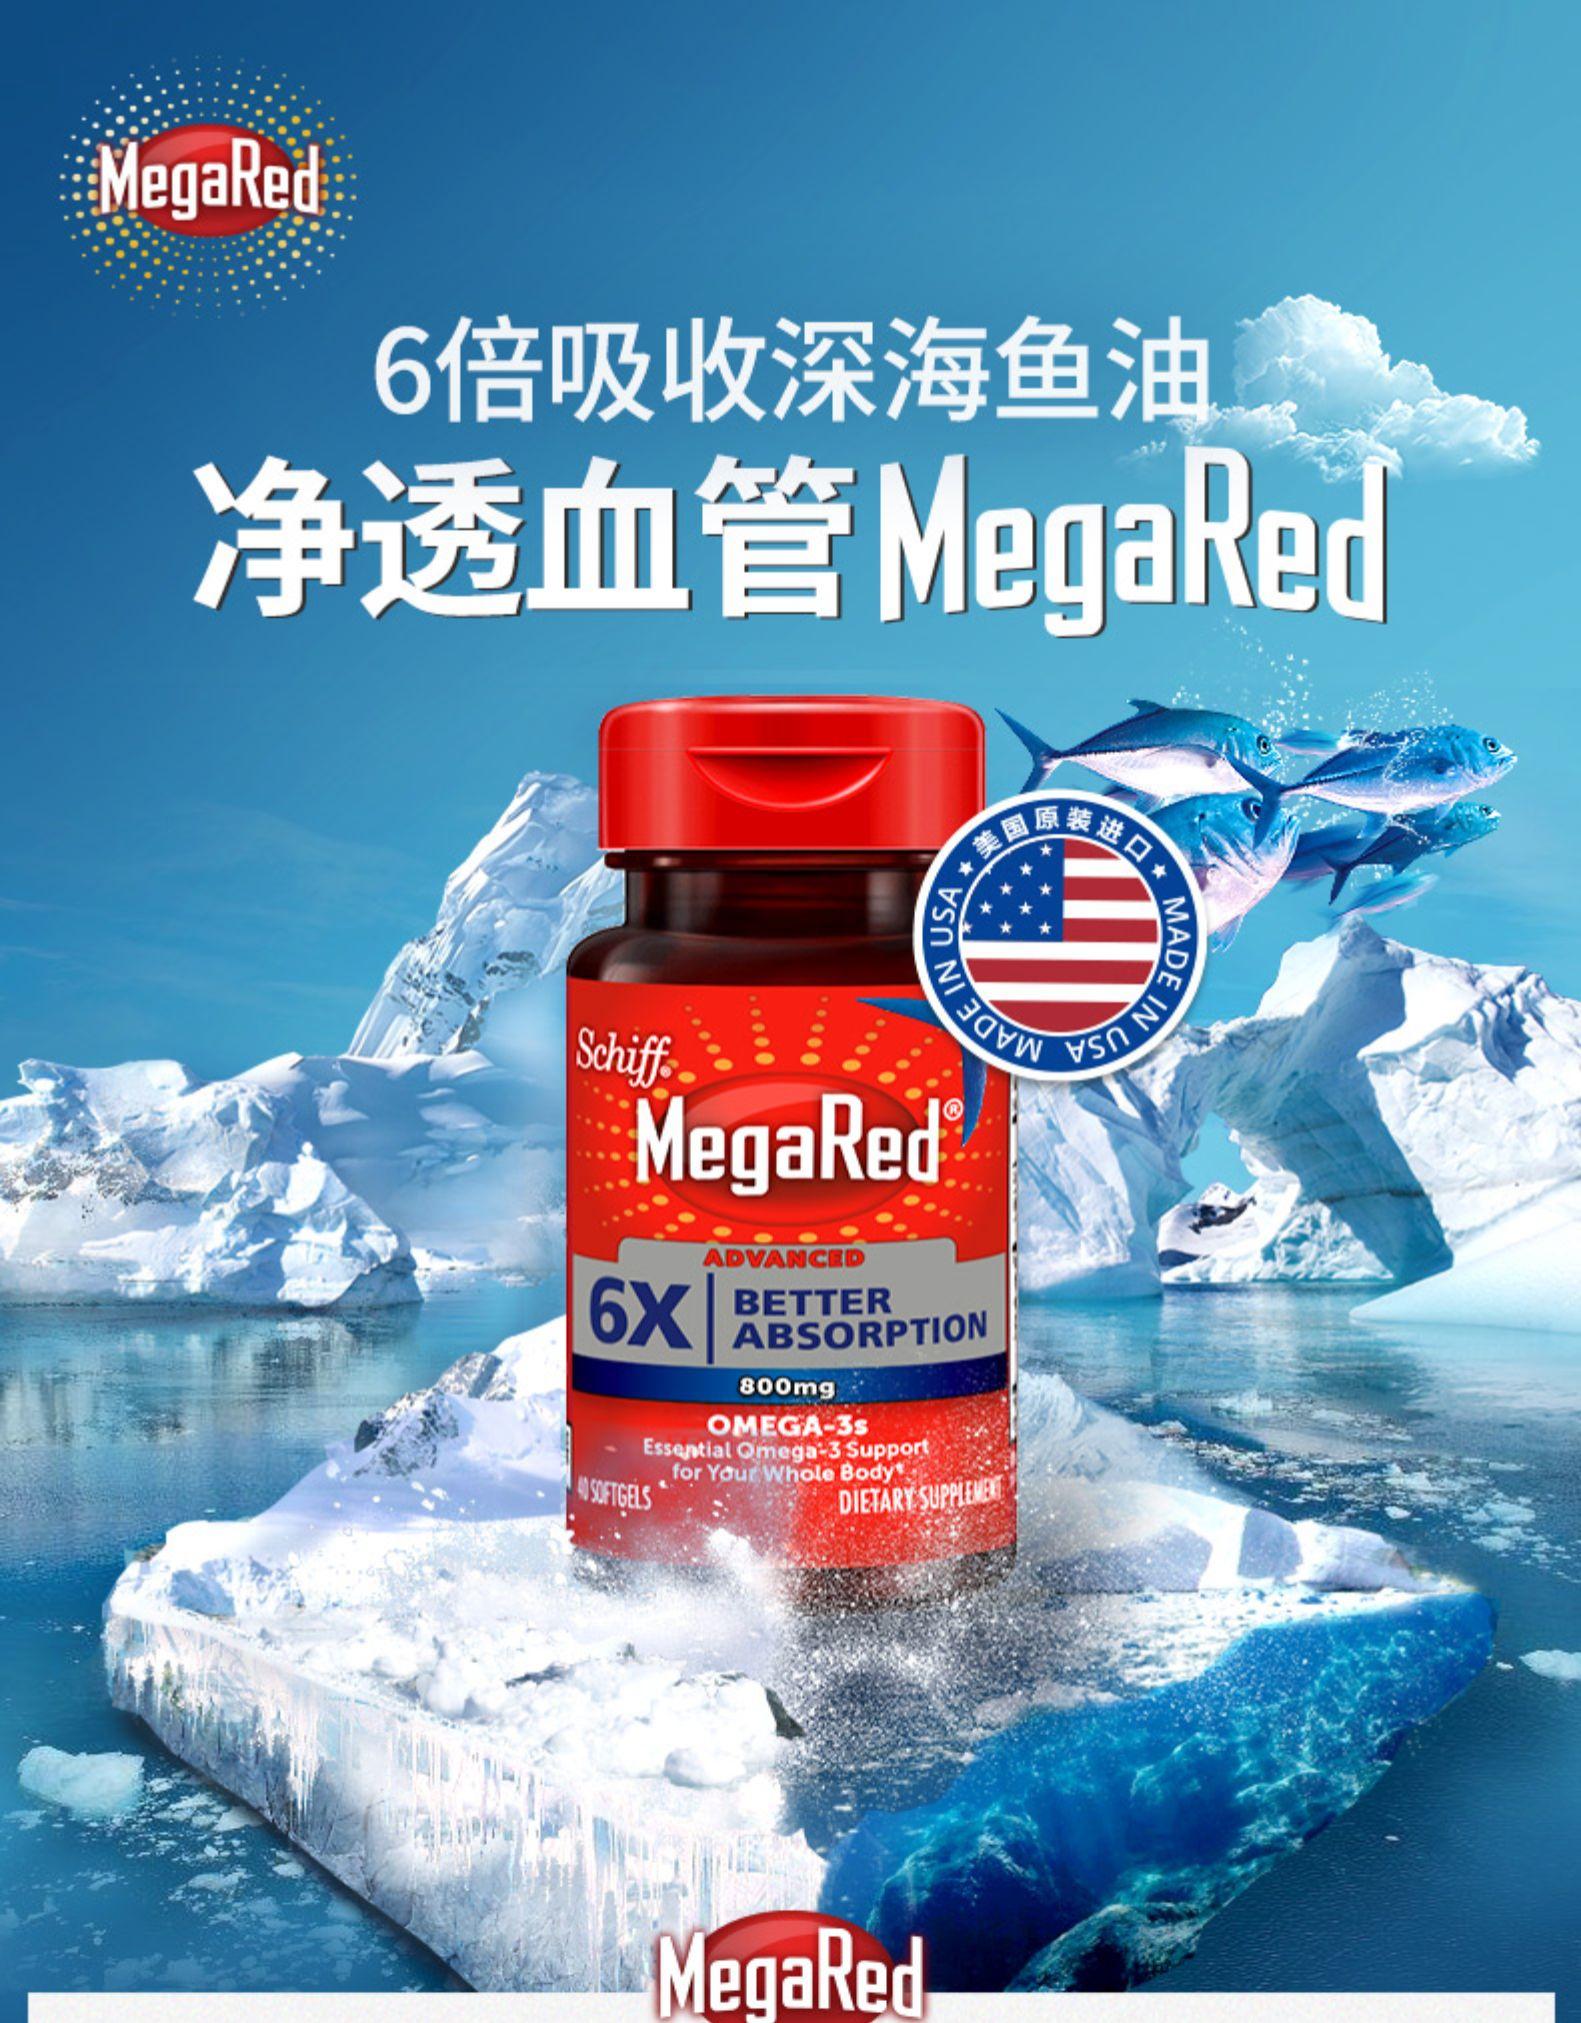 Schiff MegaRed 富含Omega-3 微滴技术 6倍高吸收率 超浓缩鱼油软胶囊 800mg*40粒*2件 双重优惠后¥69包邮包税